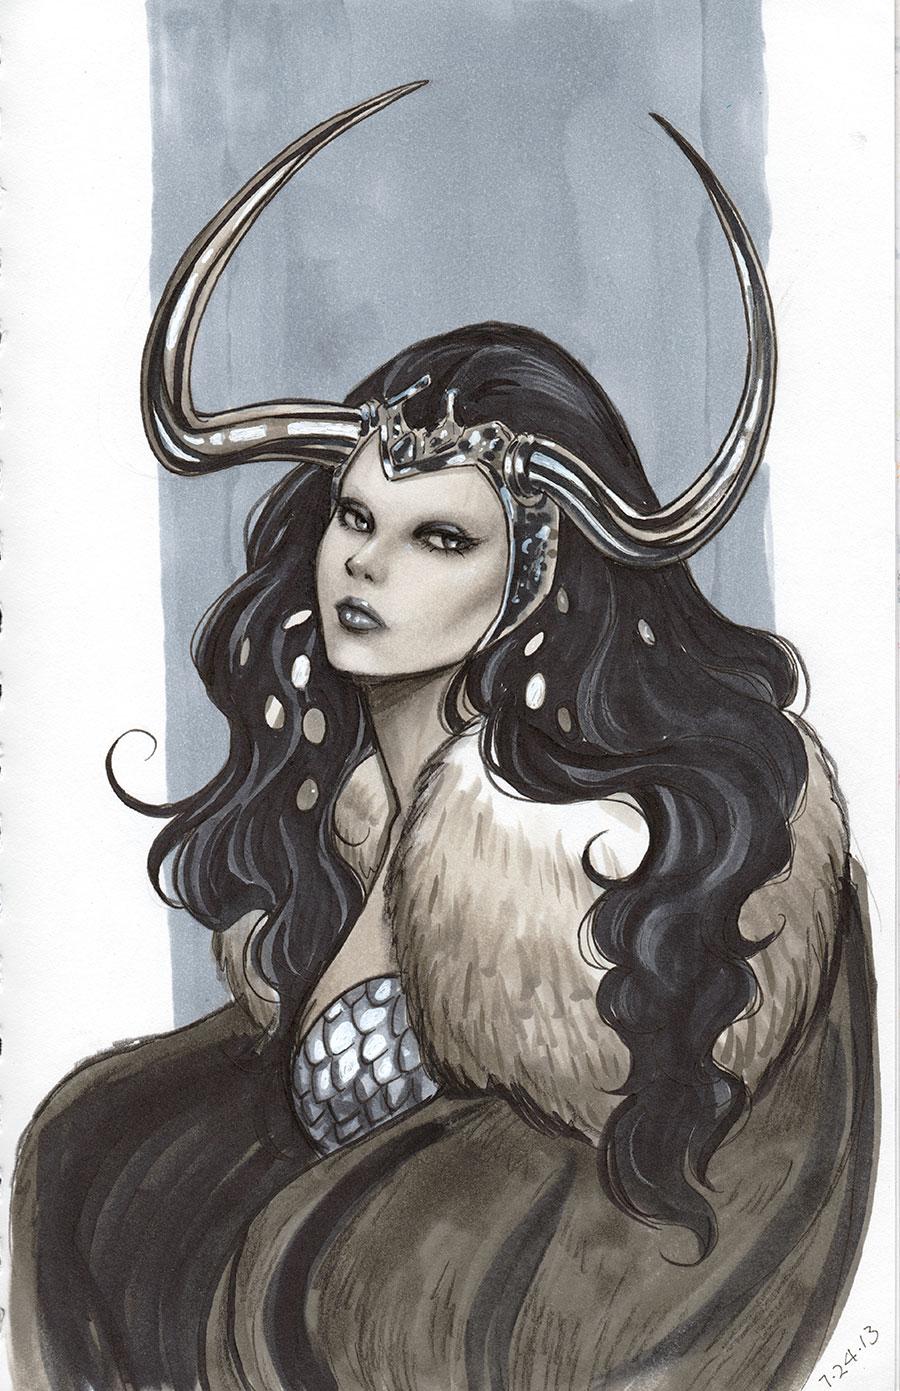 Lady Loki Sketch by Protokitty